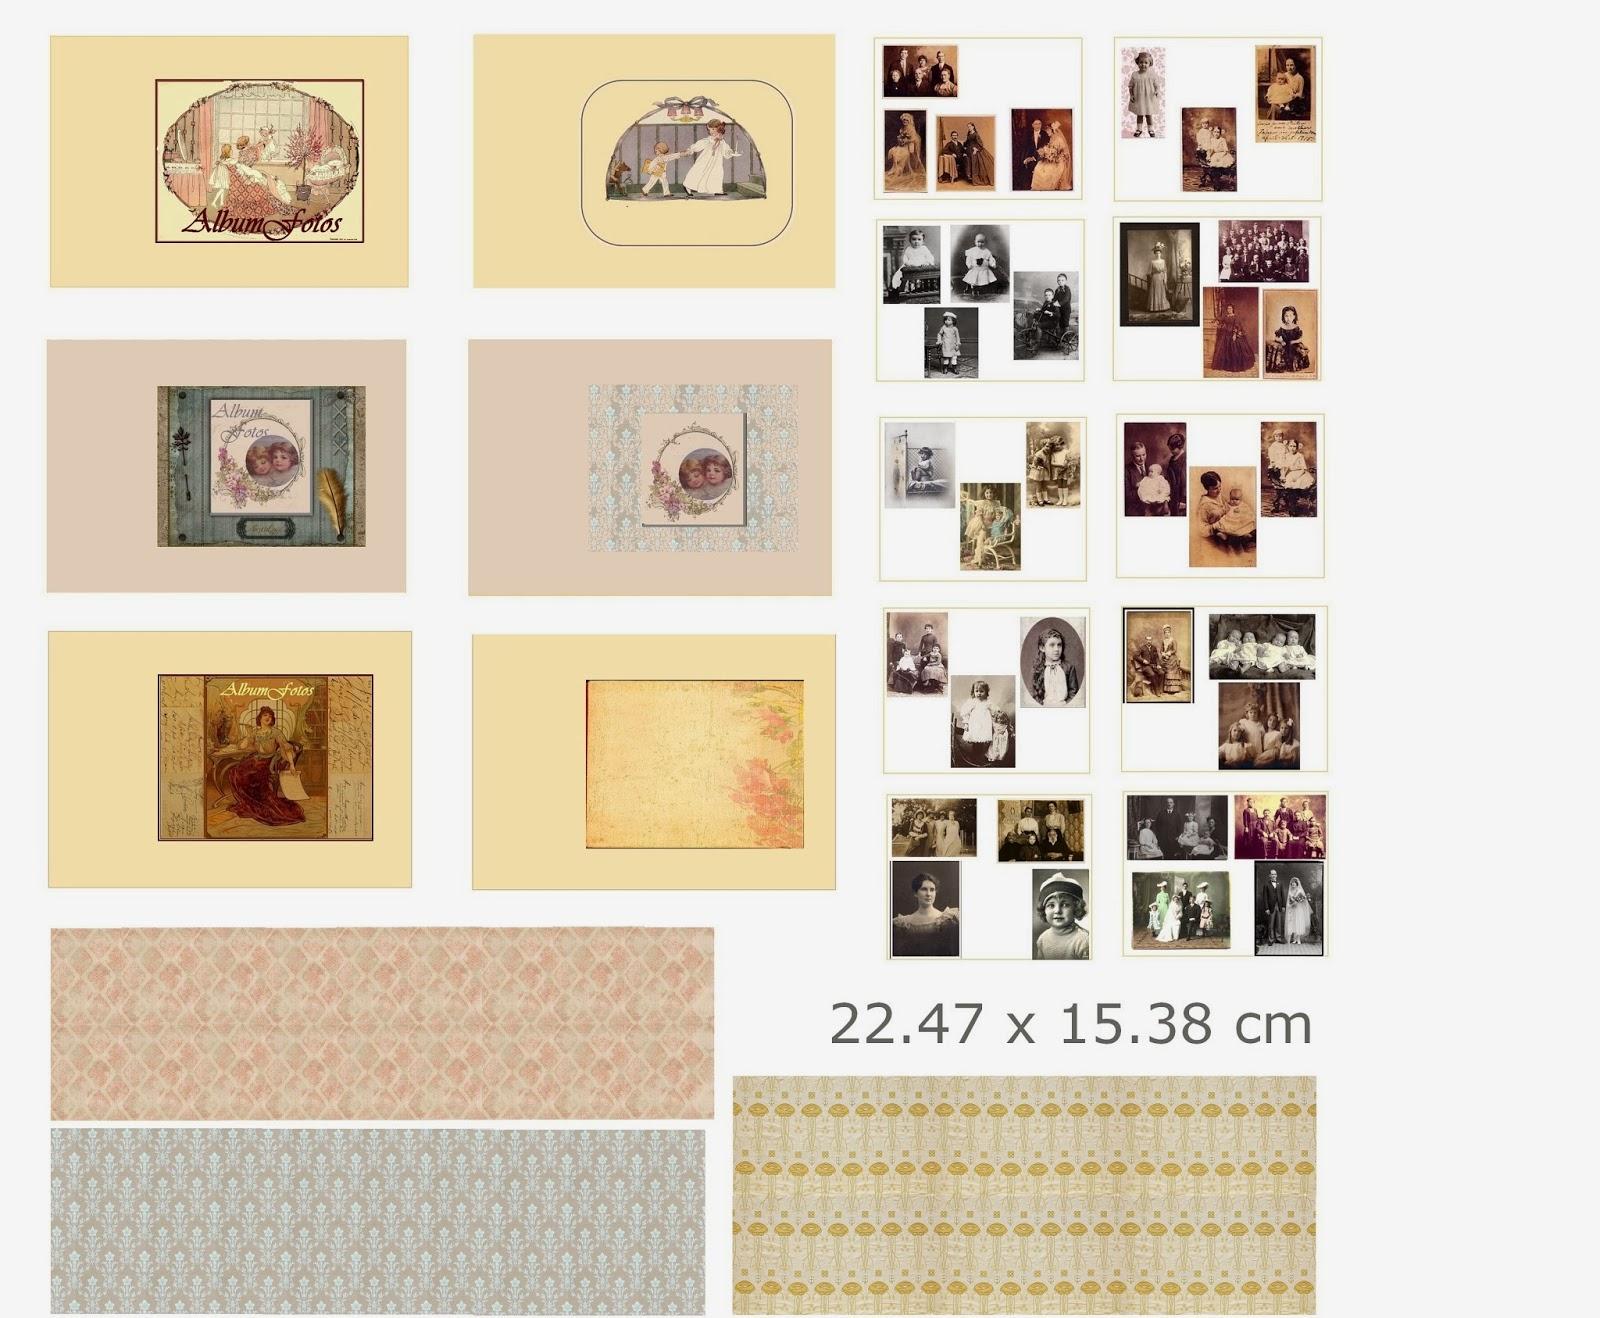 Dollhouse Photography Calendar : Las cosas de meapunto calendario dia album